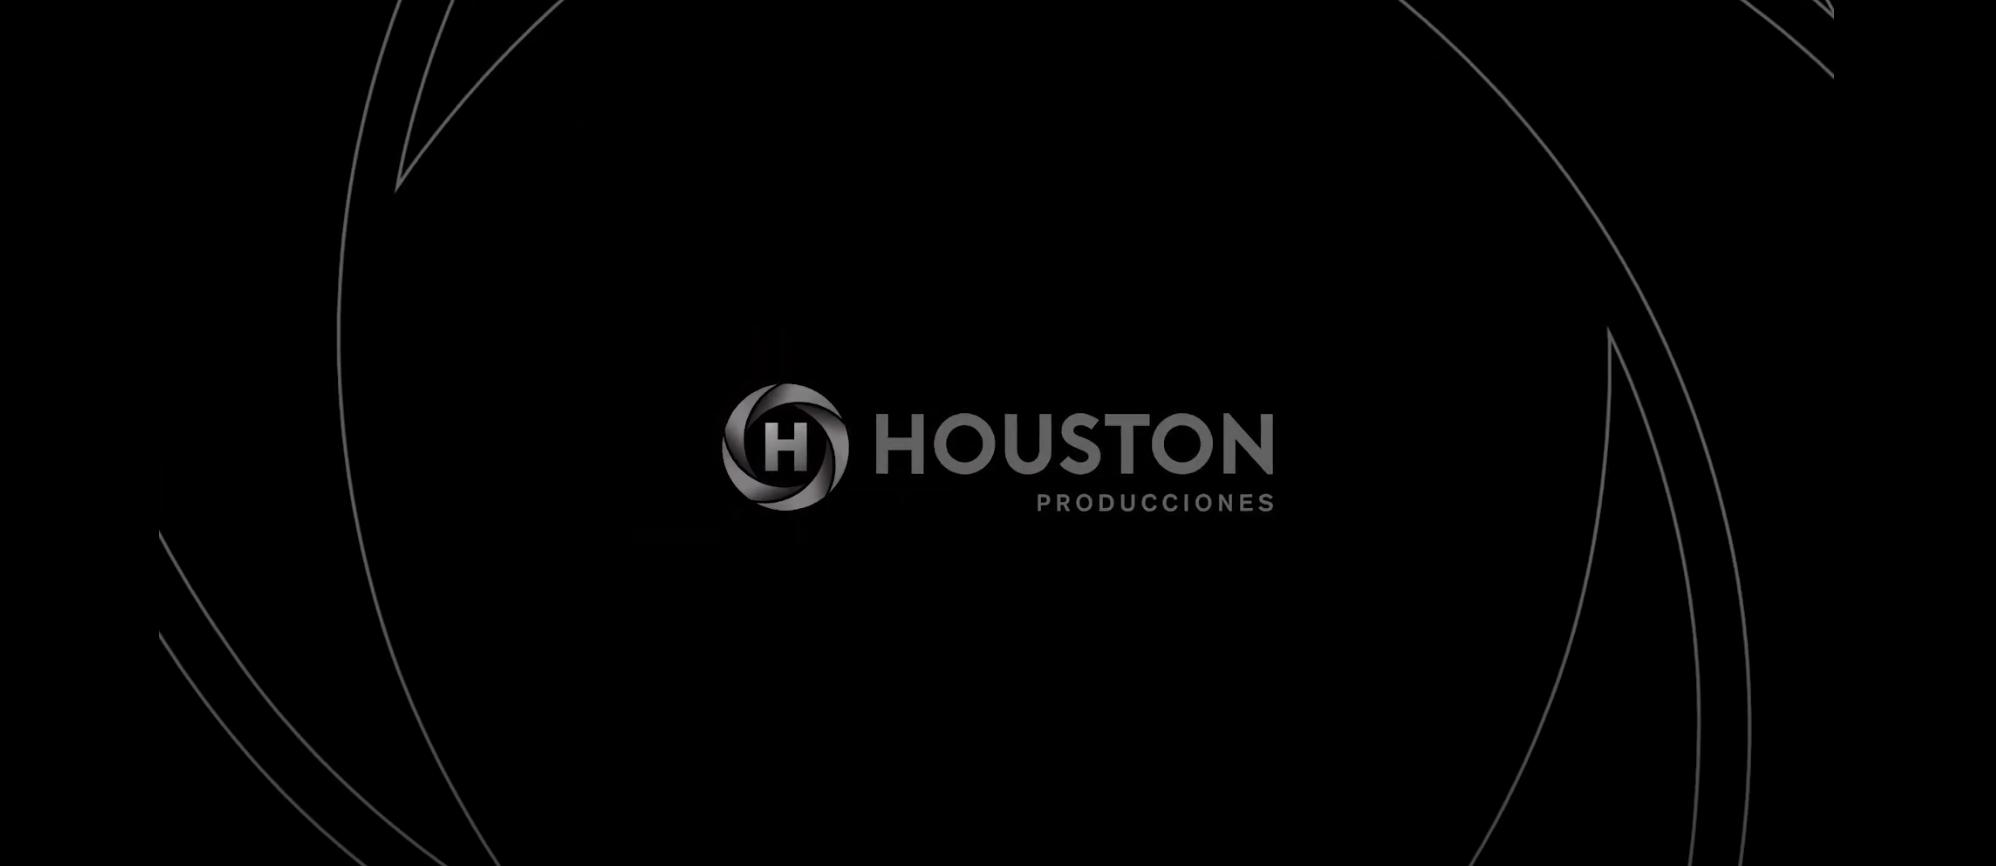 HOUSTON PRODUCCIONES DEMO